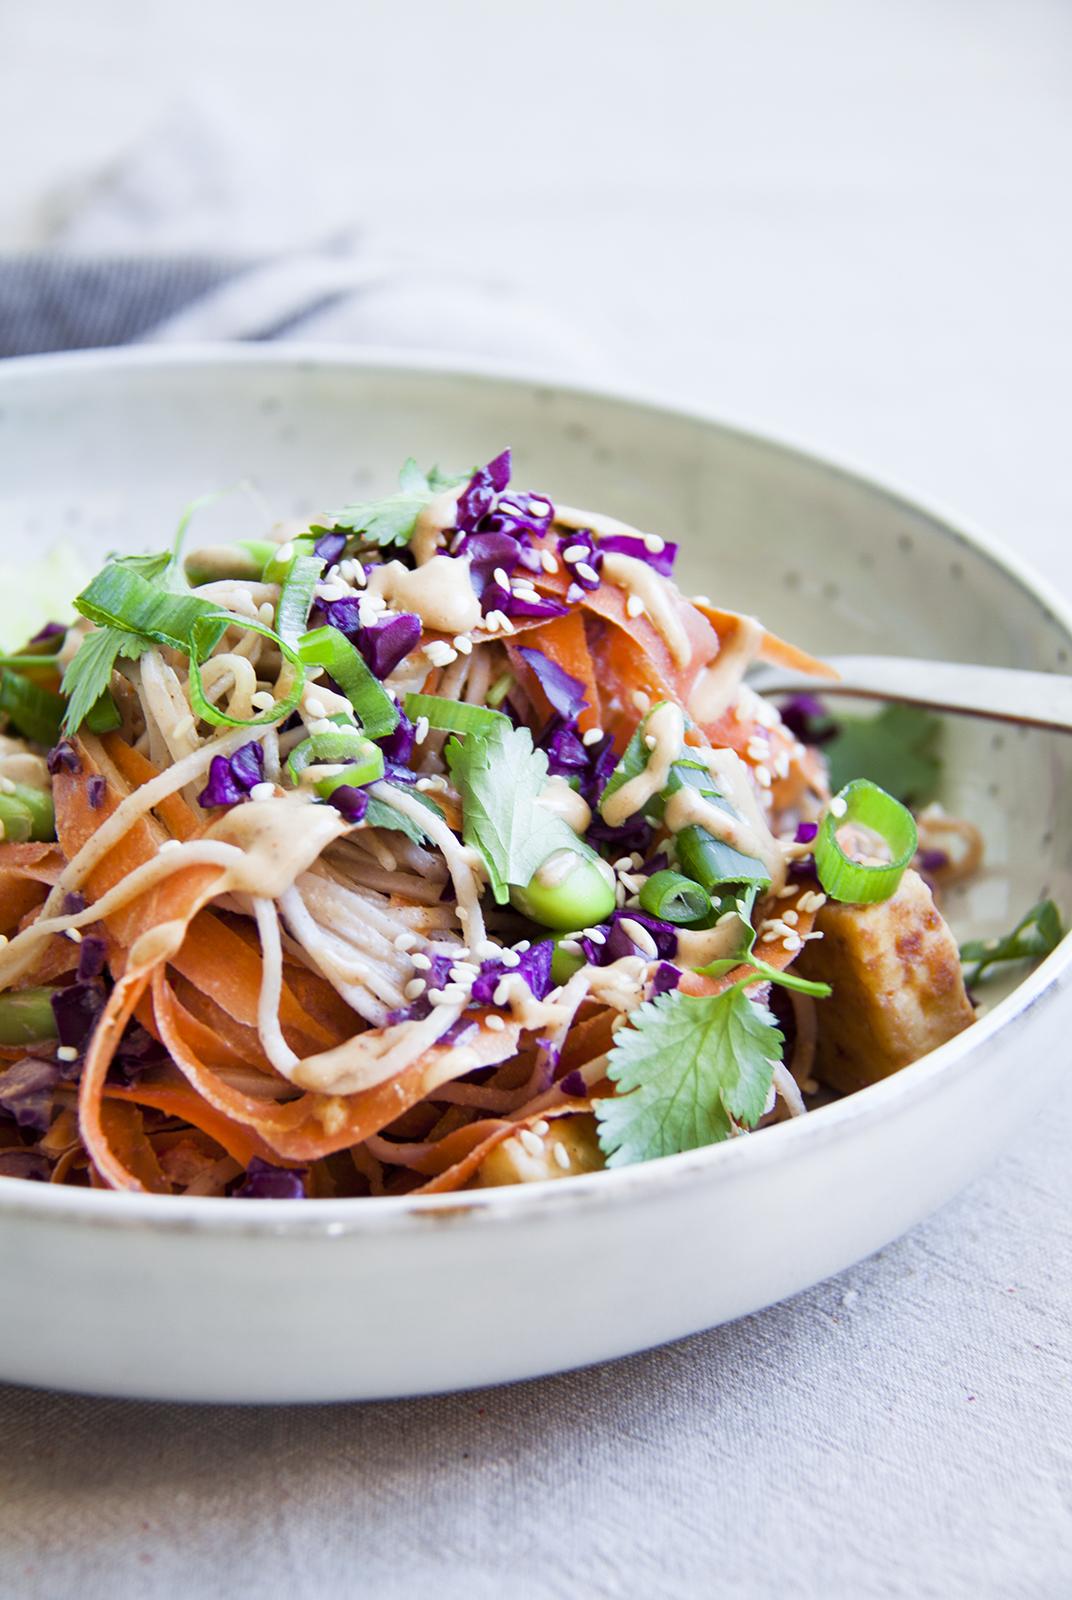 sesamnoedels-tempeh-vegan-whole-foods-olievrij-02.jpg